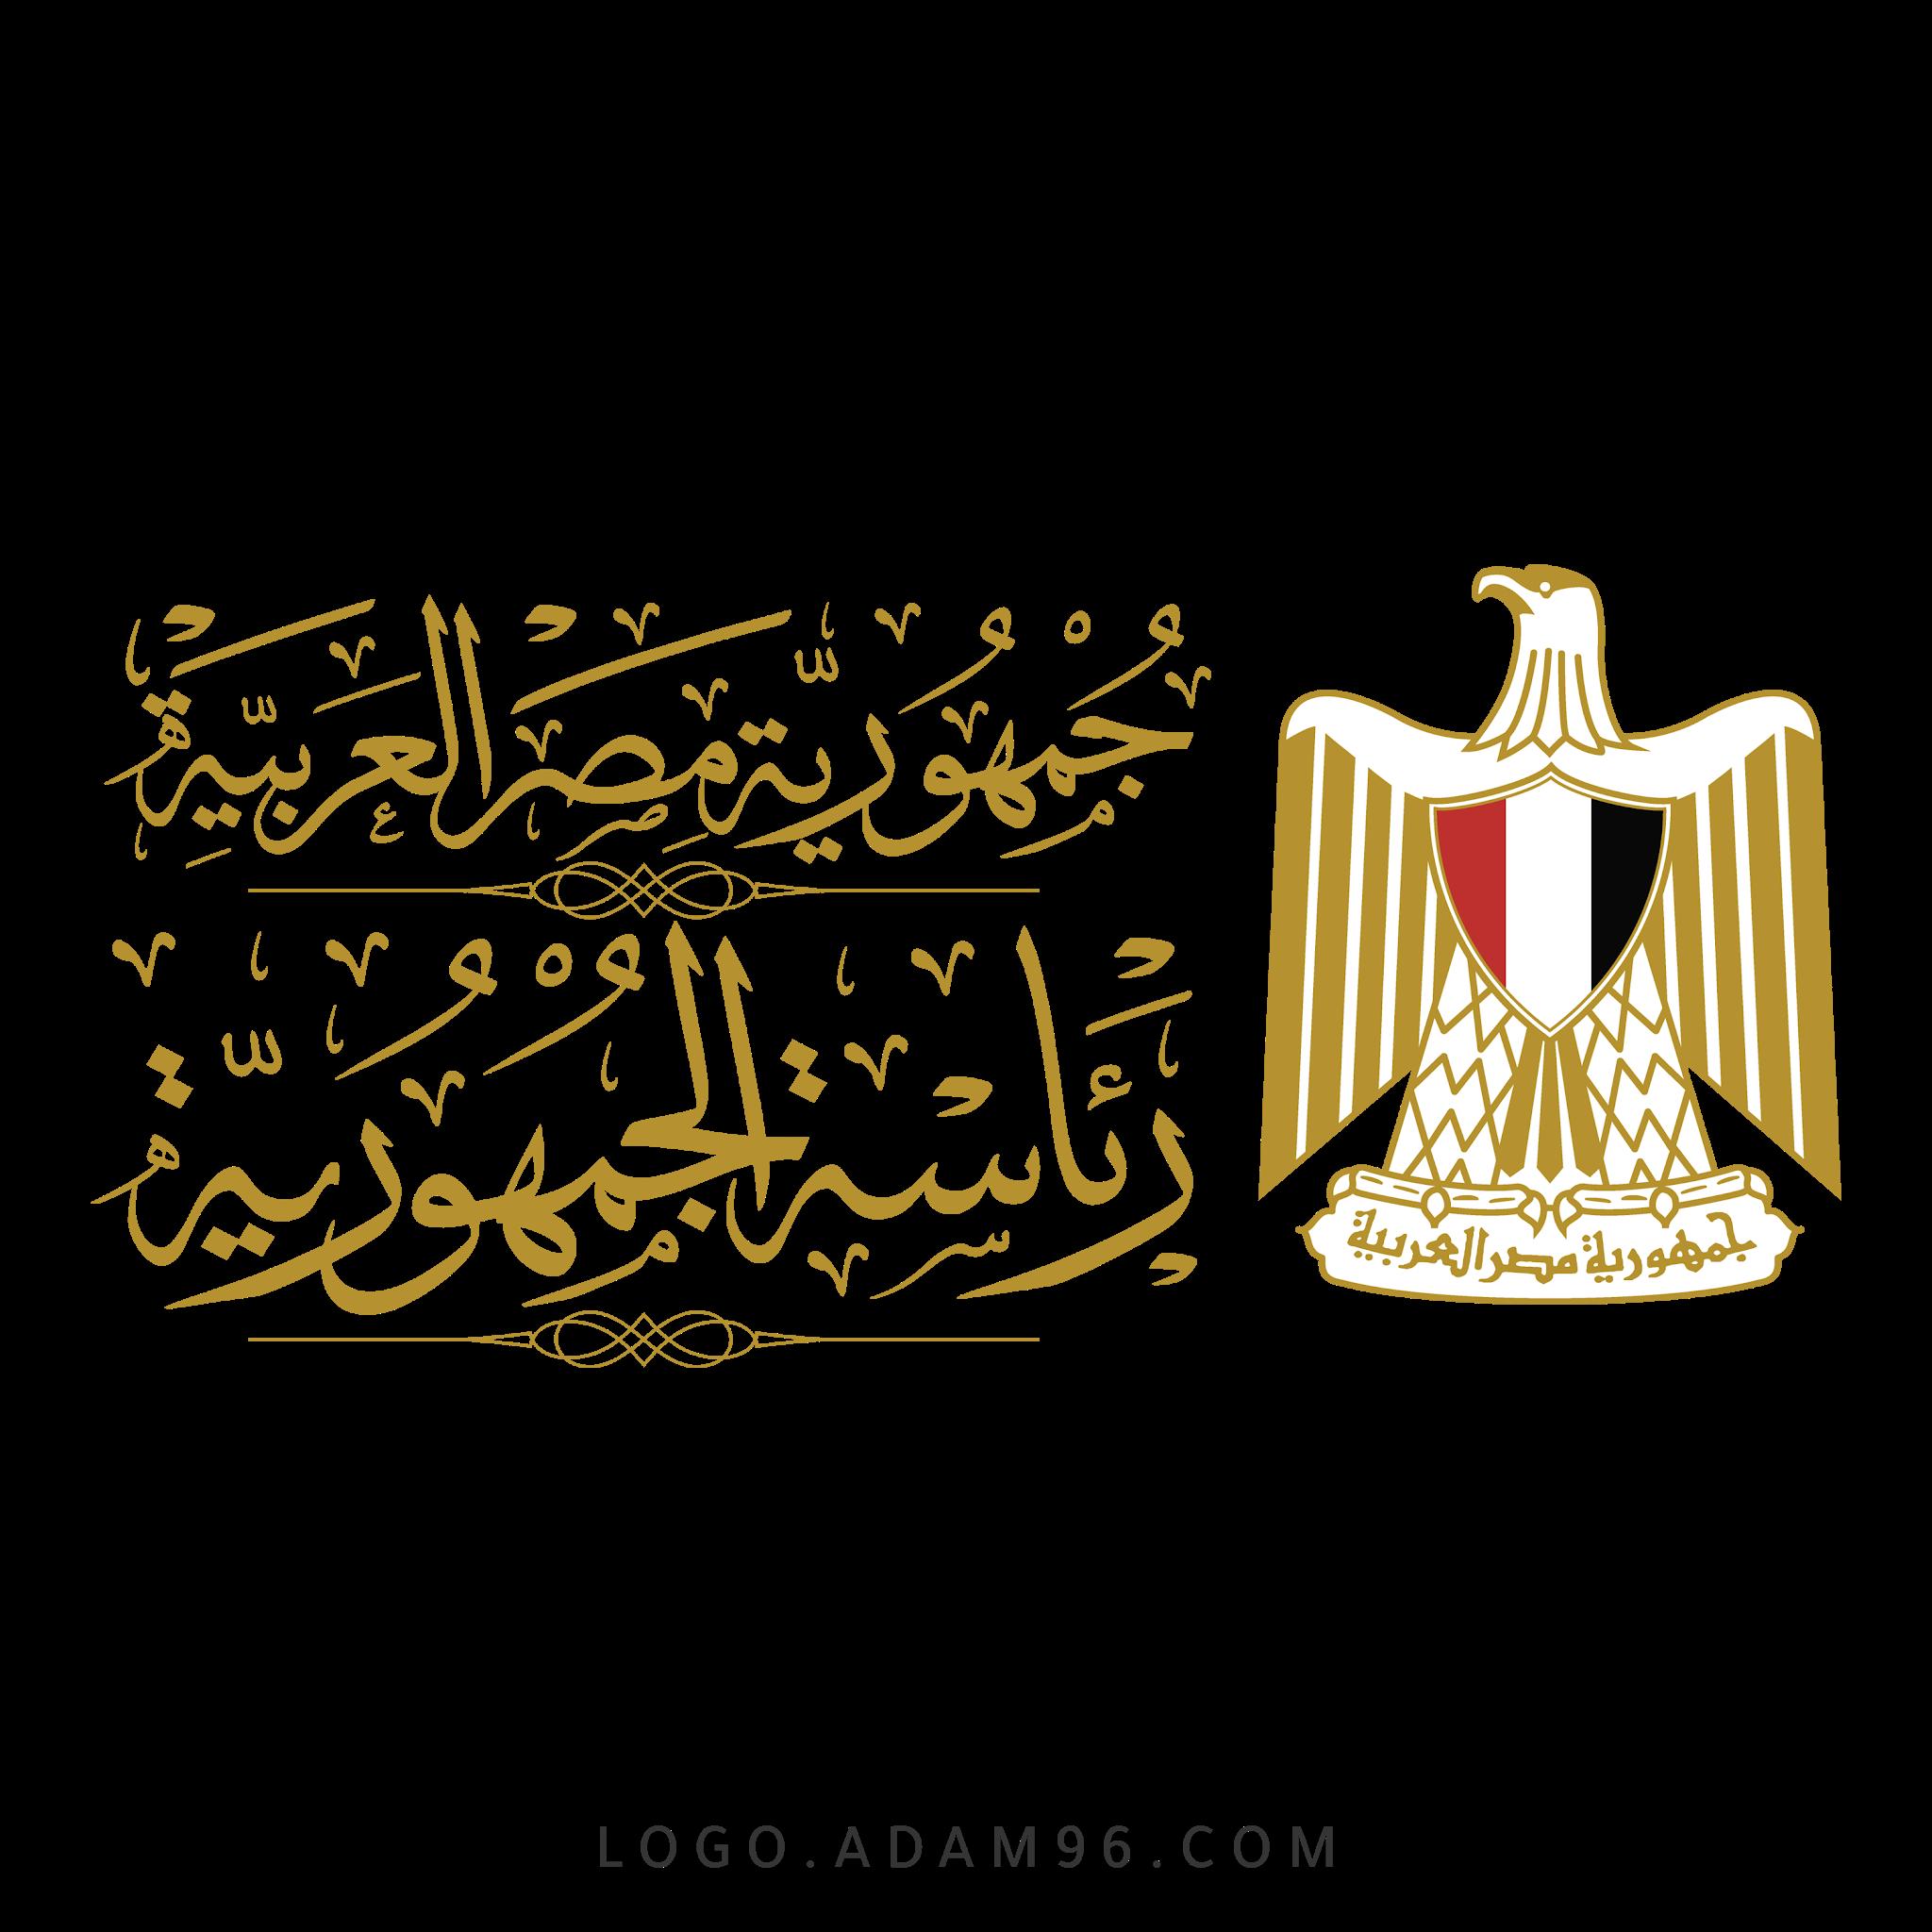 تحميل شعار رئاسة الجمهورية جمهورية مصر العربية لوجو رسمي PNG